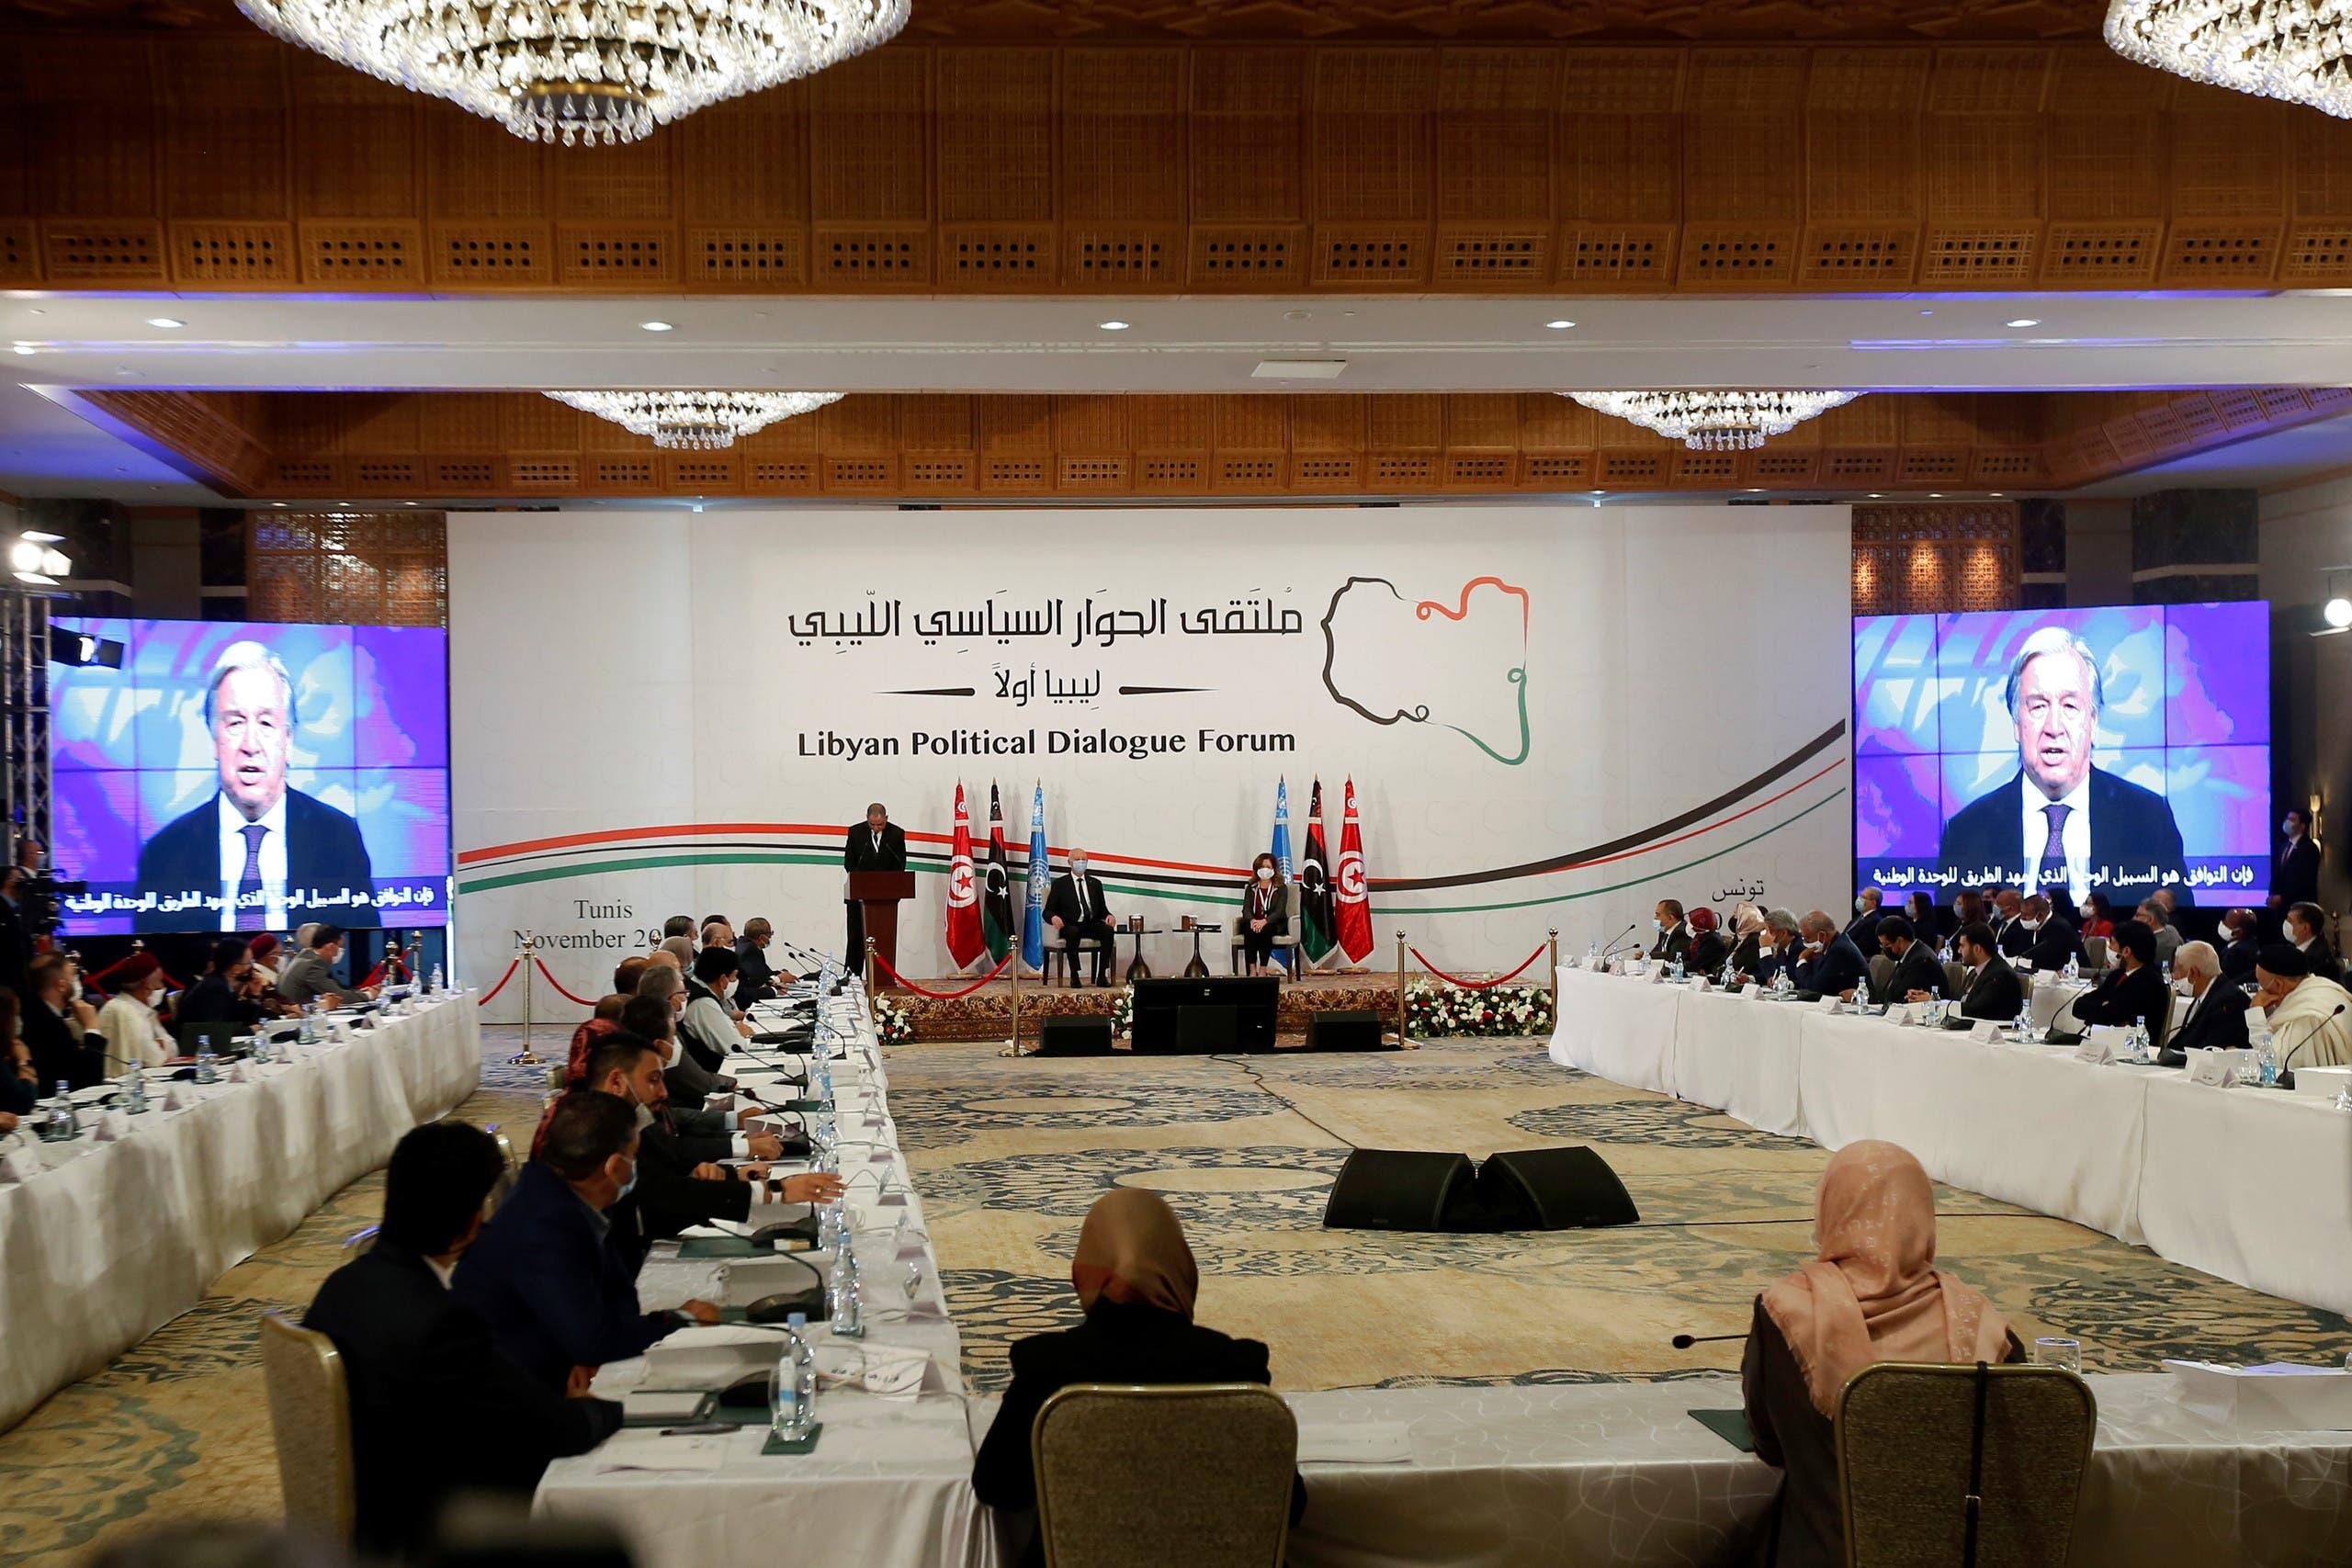 من ملتقى  الحوار السياسي الليبي في تونس (أرشيفية من رويترز)